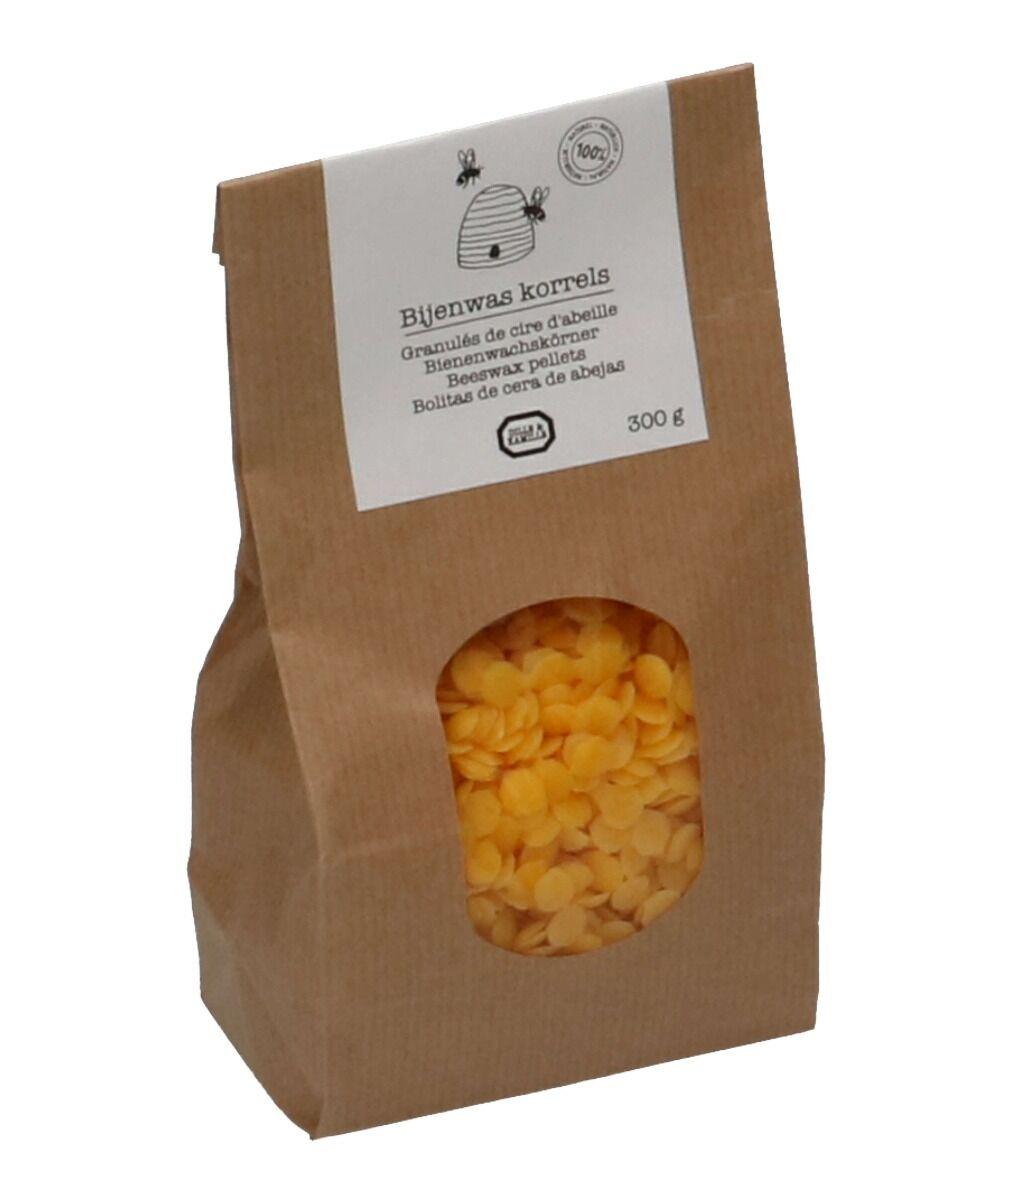 Dille&Kamille Cire d'abeille, granulés, 300 g